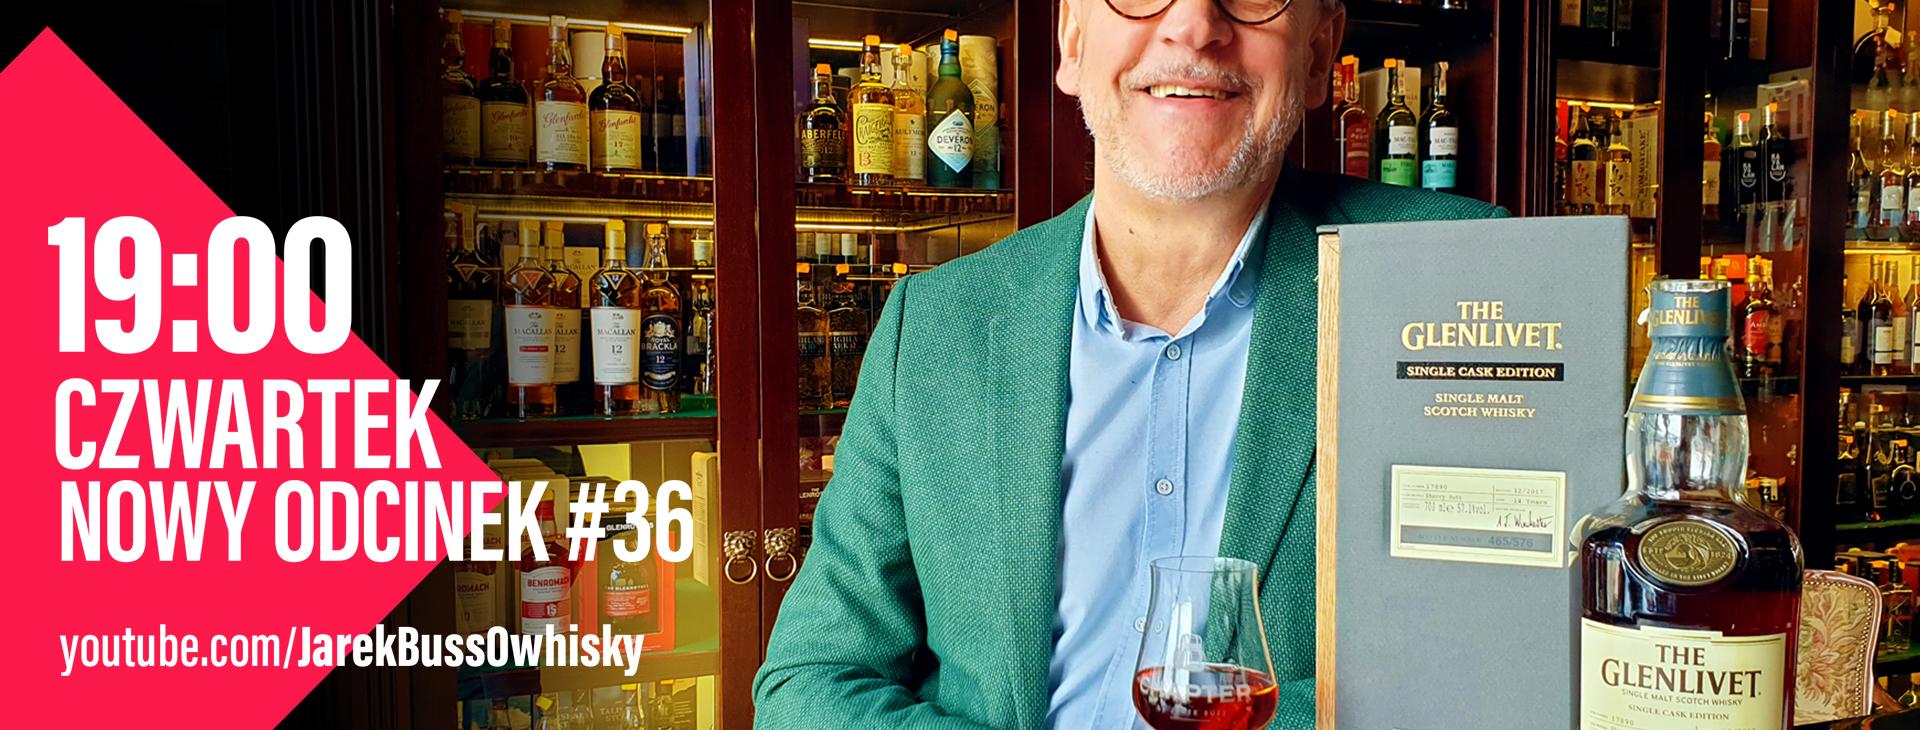 Glenlivet, czyli pierwsza legalna produkcja whisky na świecie